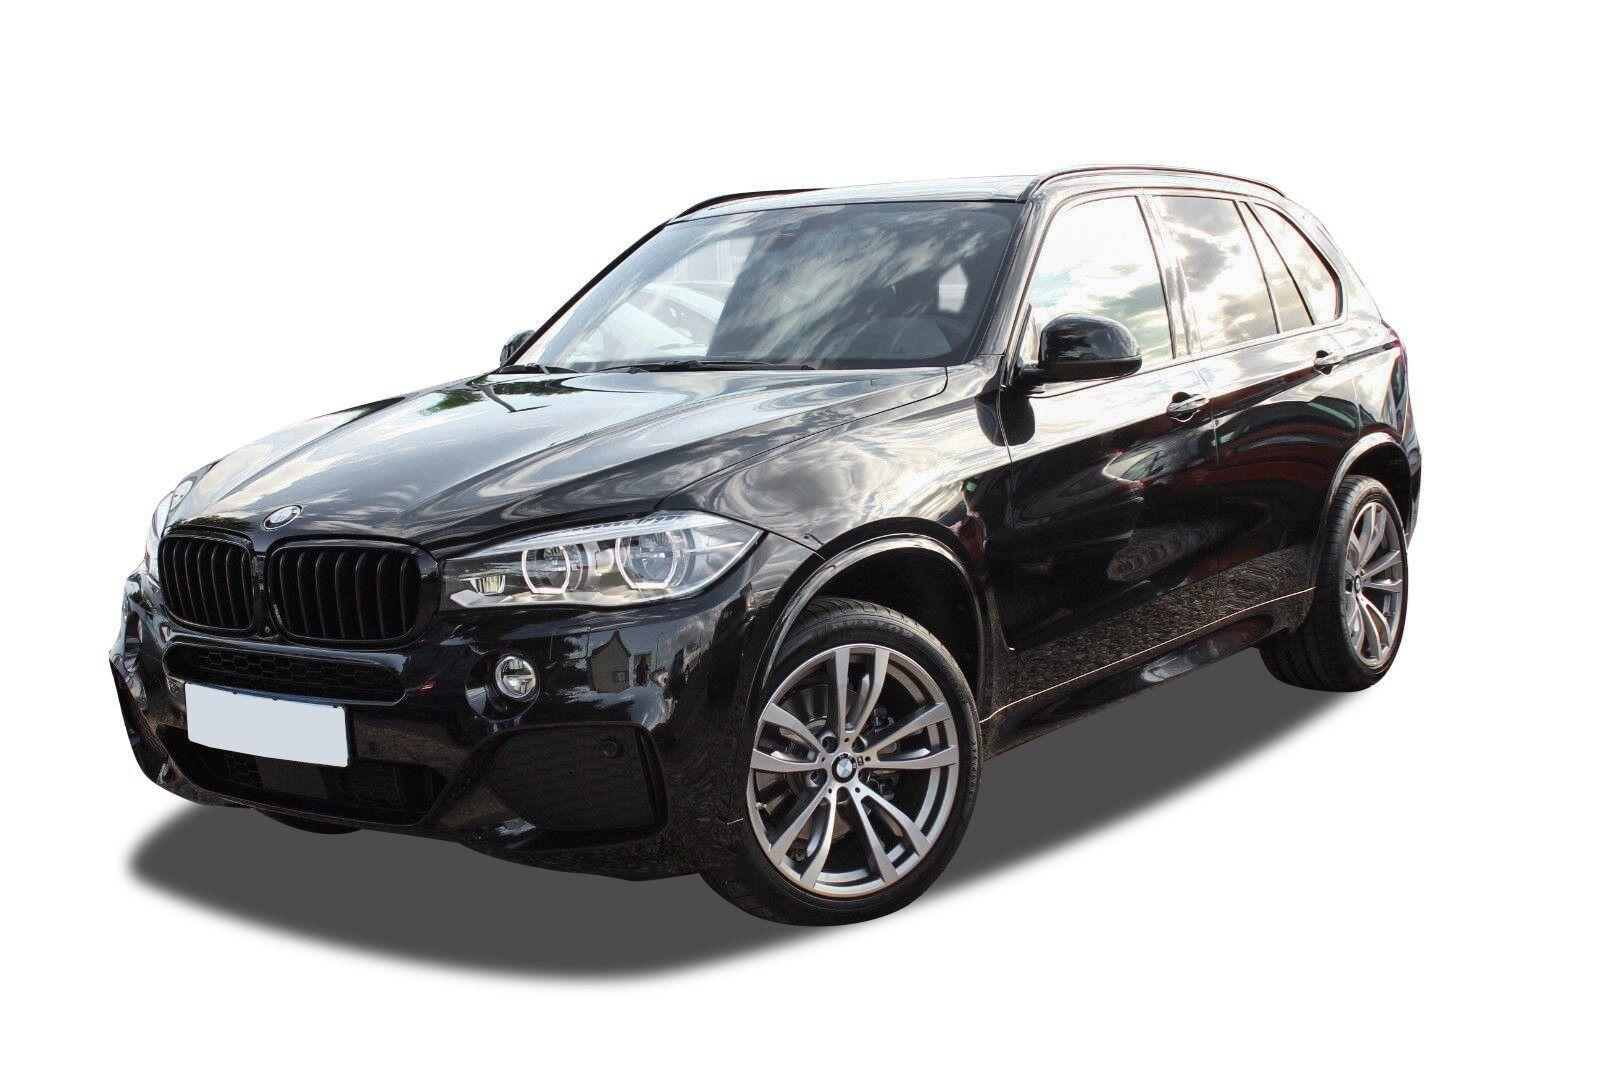 BMW X5 3,0 xDrive40d aut. 5d - 6.396 kr.